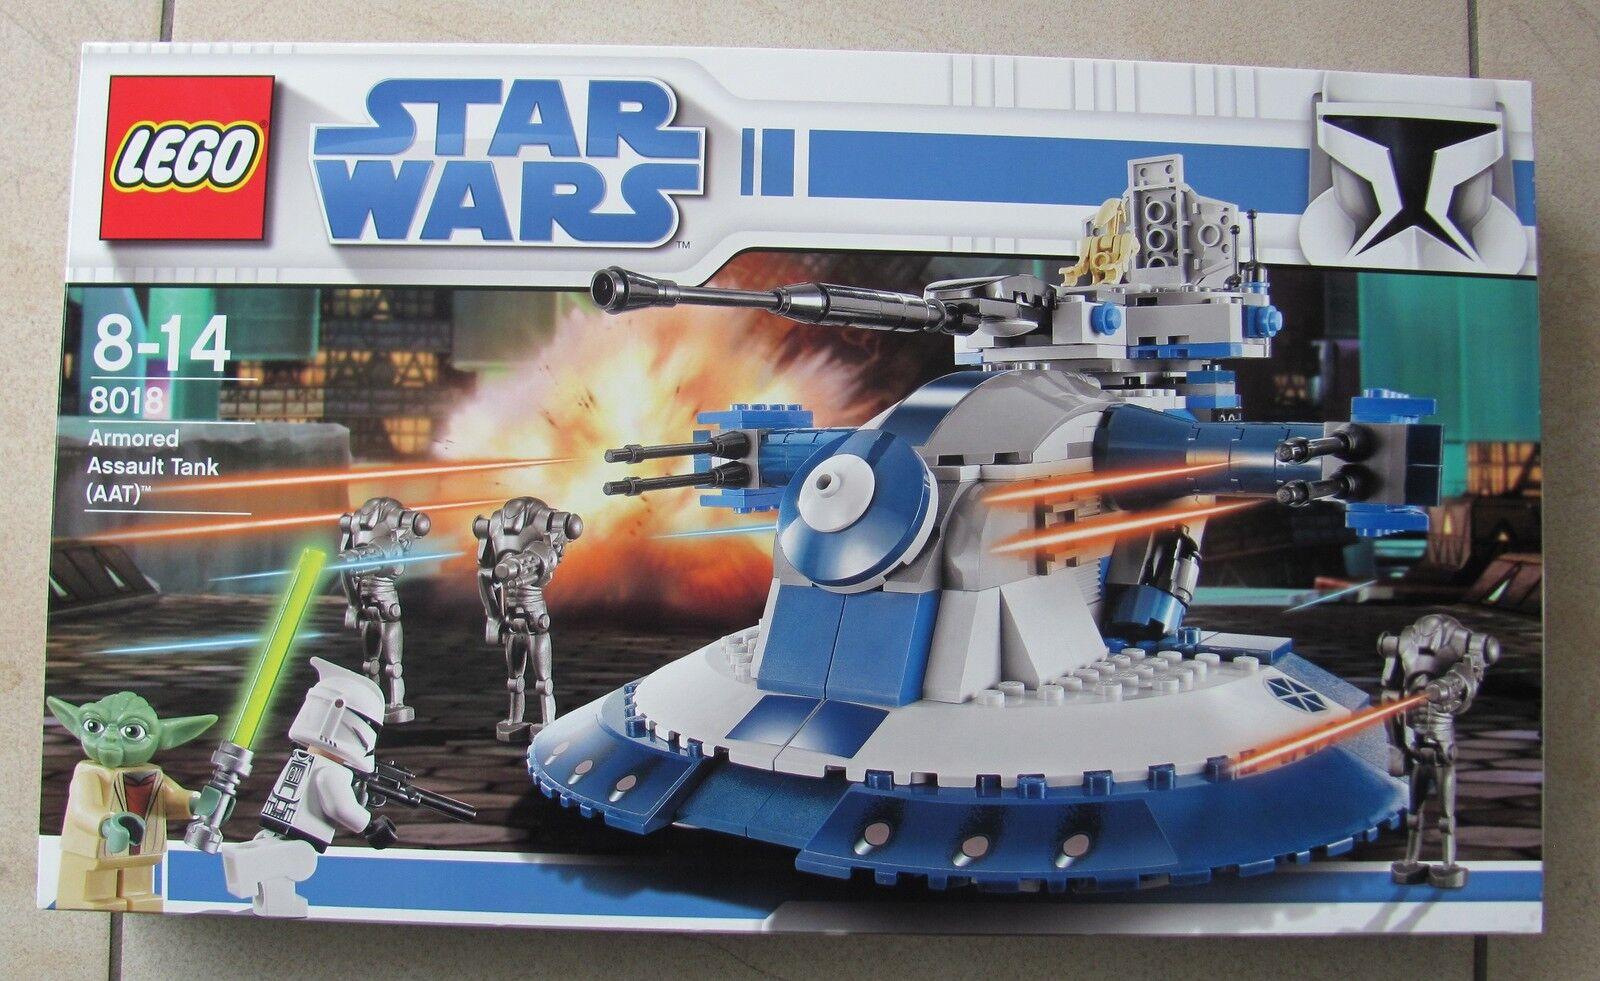 Lego Star Wars 8018 - AAT - Armored Assault Tank 2009 Neu & OVP Rarität